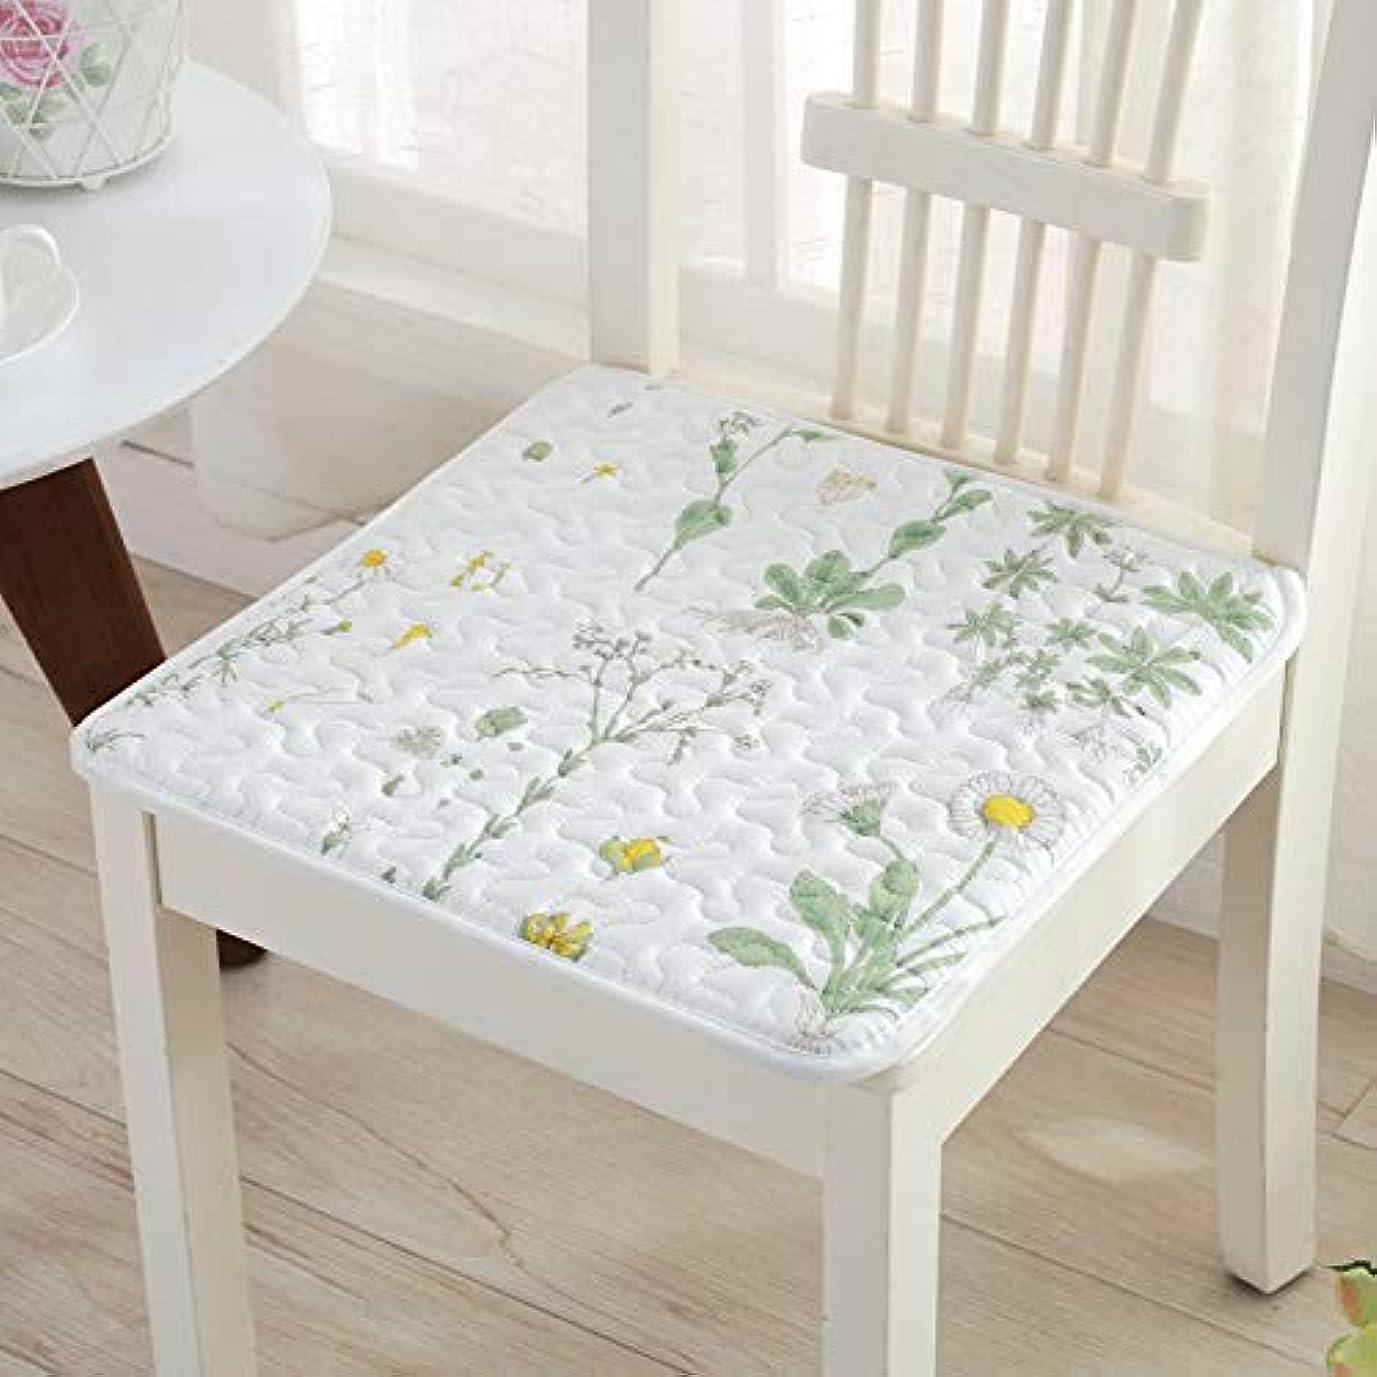 サーバぺディカブ市町村LIFE 現代スーパーソフト椅子クッション非スリップシートクッションマットソファホームデコレーションバッククッションチェアパッド 40*40/45*45/50*50 センチメートル クッション 椅子